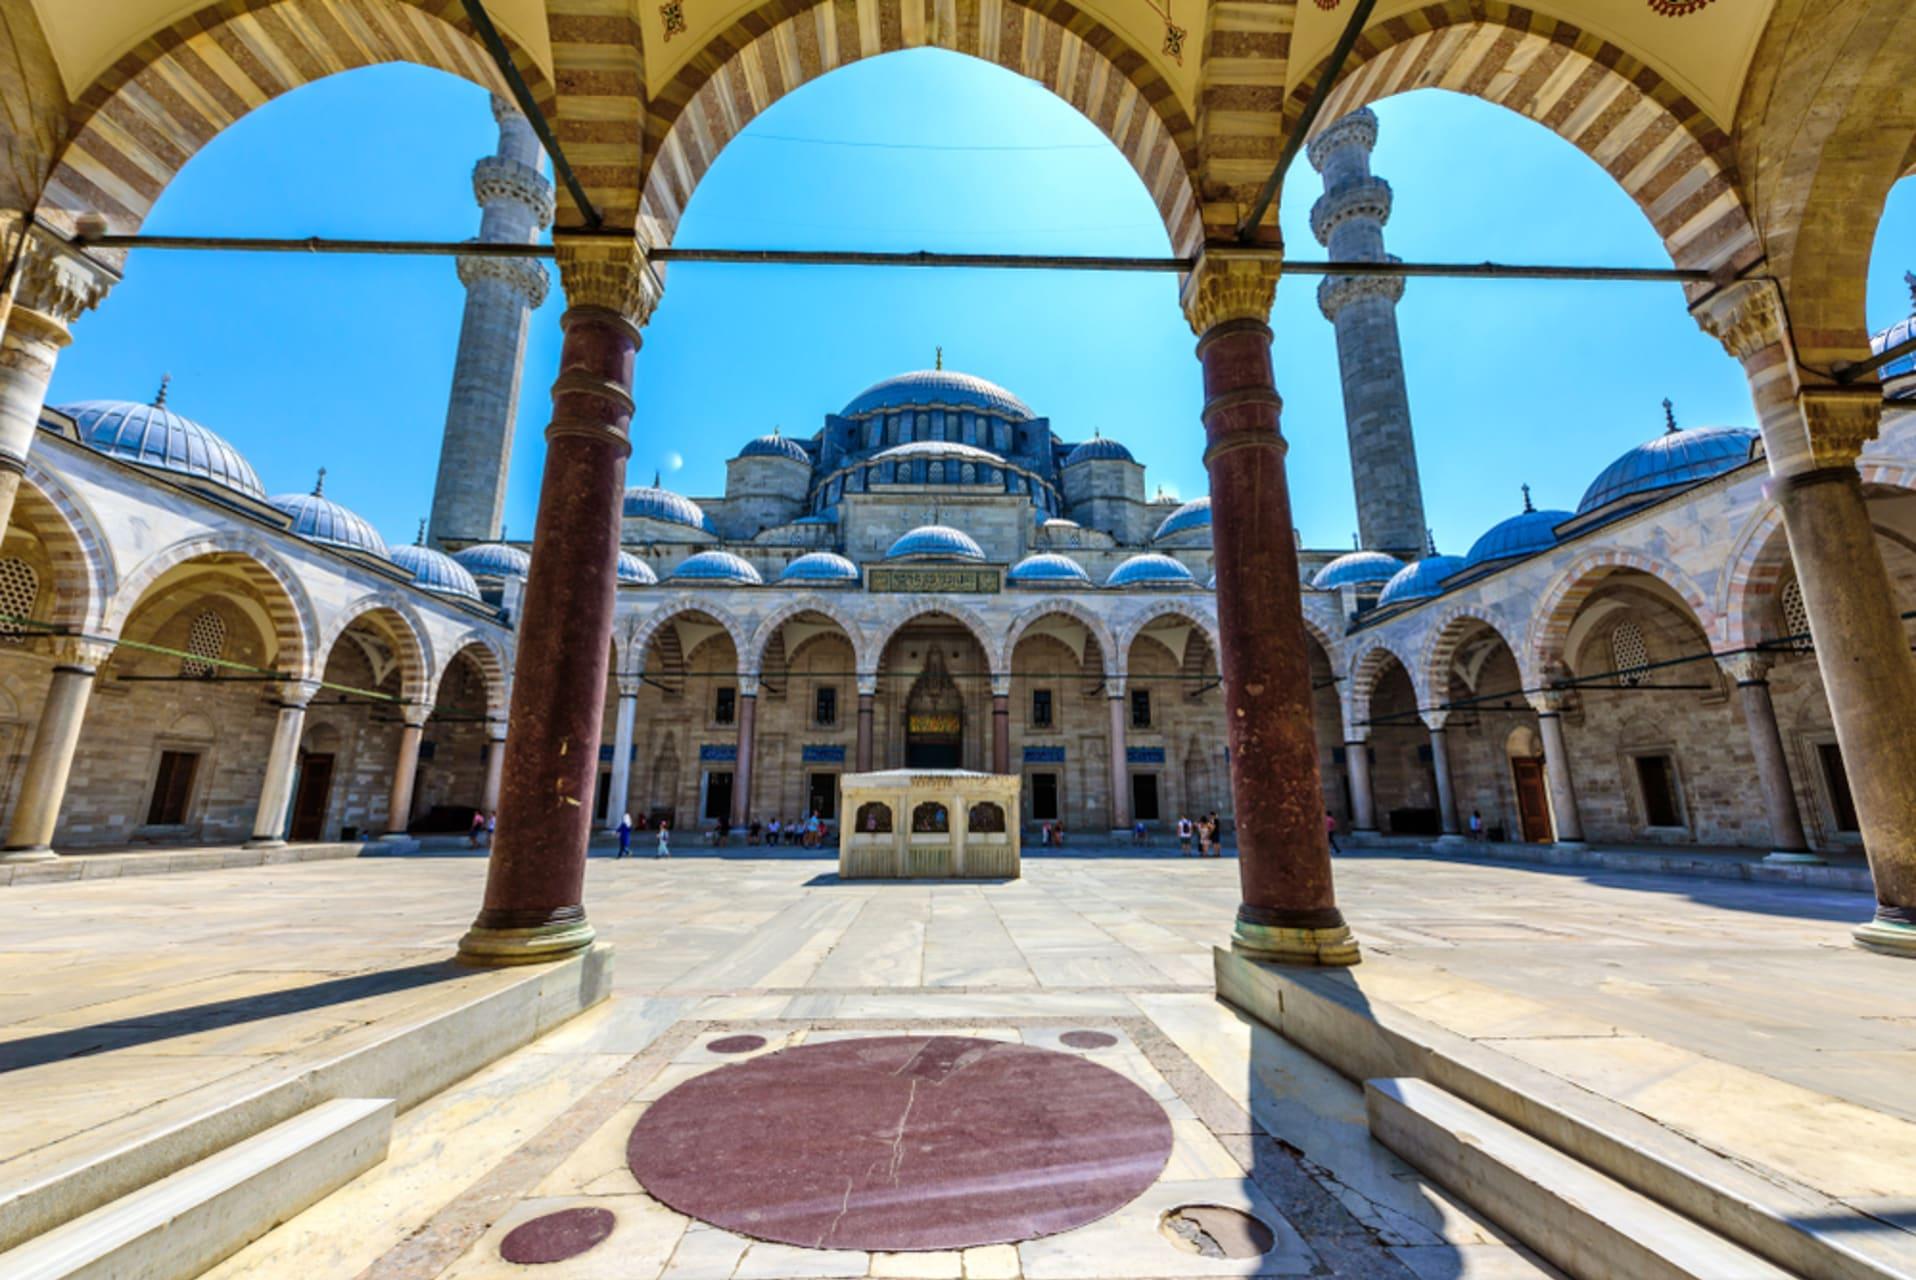 Istanbul - Suleymaniye Mosque complex & Grand Bazaar